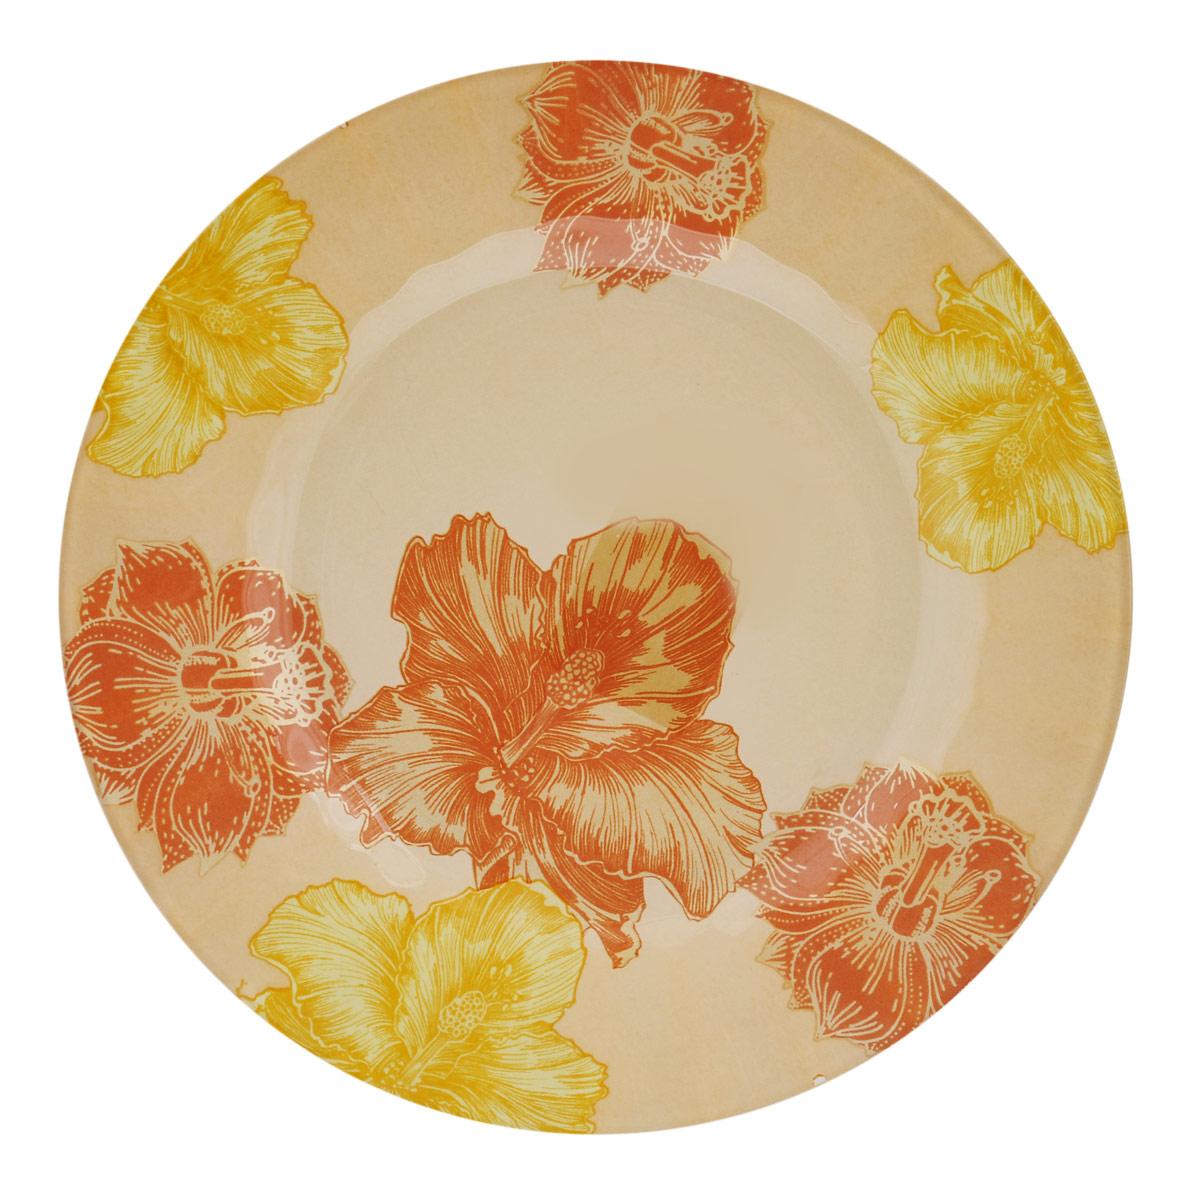 Тарелка House & Holder Цветы, диаметр 23 см. S3009EG008S3009EG008Круглая тарелка House & Holder Цветы, изготовленная из стекла, декорирована ярким изображением. Такая тарелка украсит сервировку вашего стола и подчеркнет прекрасный вкус хозяина, а также станет отличным подарком. Диаметр: 23 см. Высота: 1,9 см.